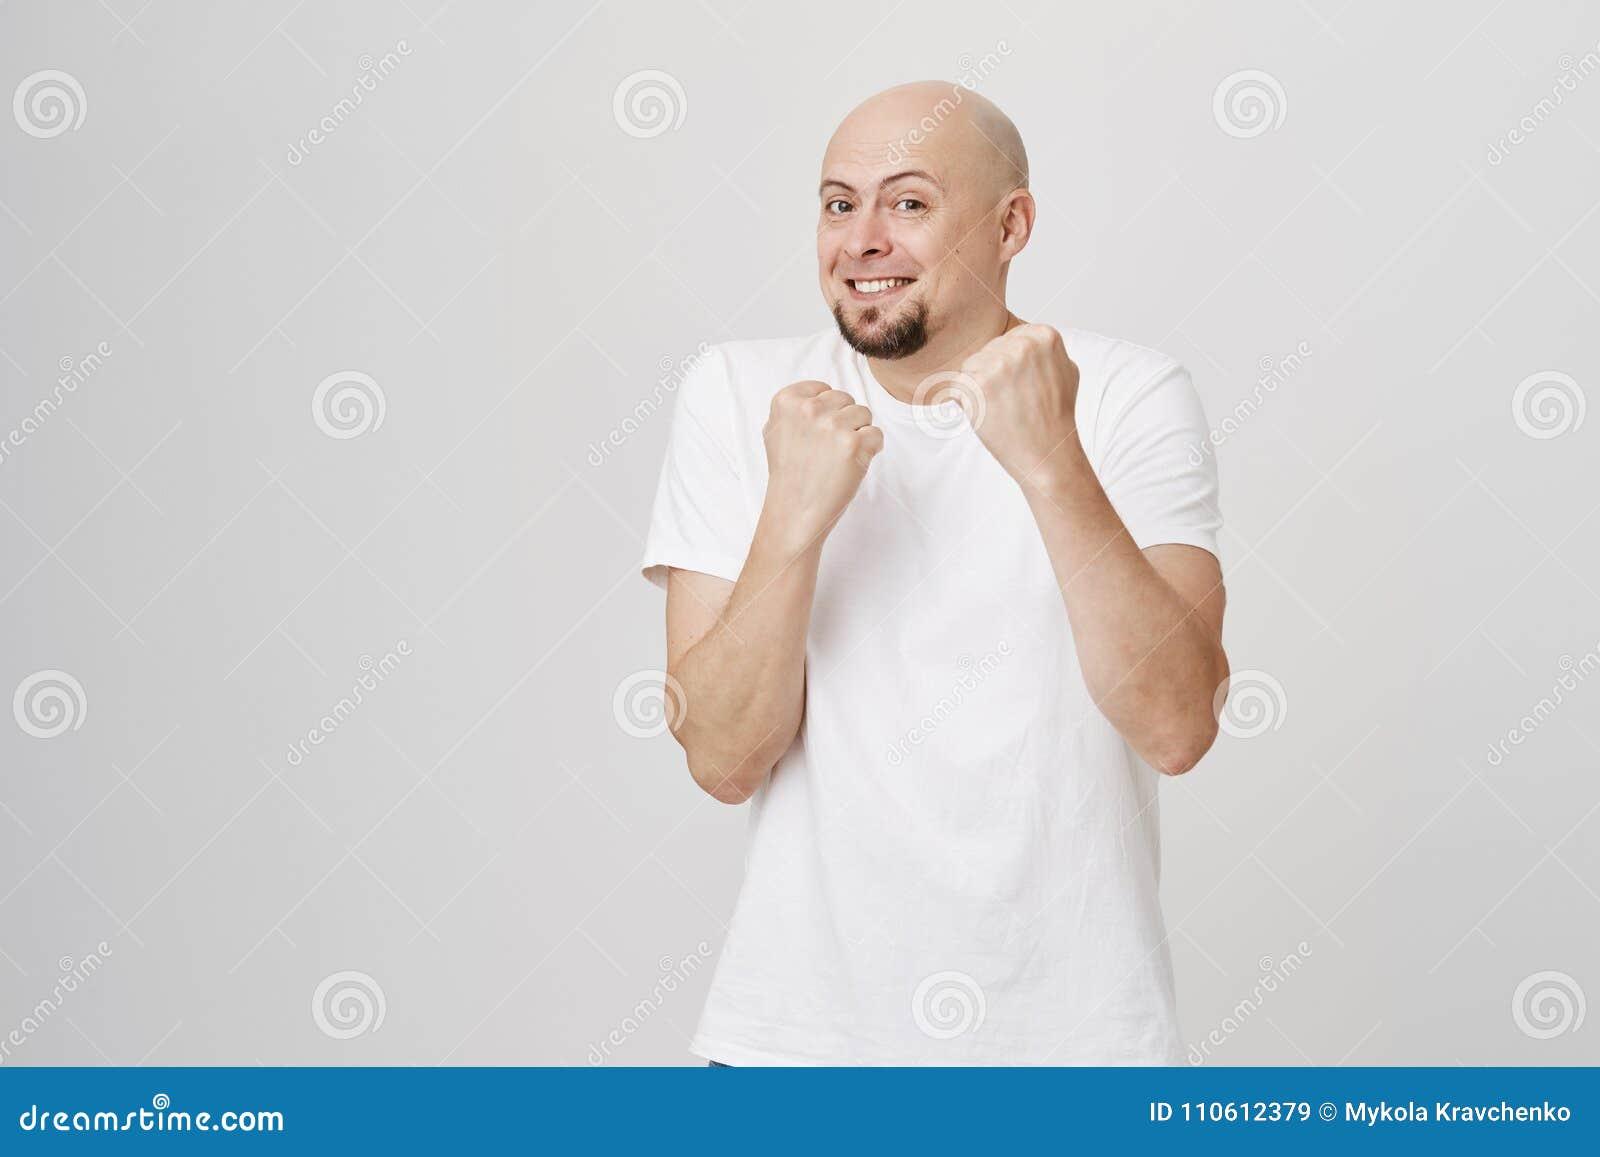 Retrato interior del hombre barbudo caucásico calvo juguetón encantador que se coloca en la actitud del boxeador que defiende, fa